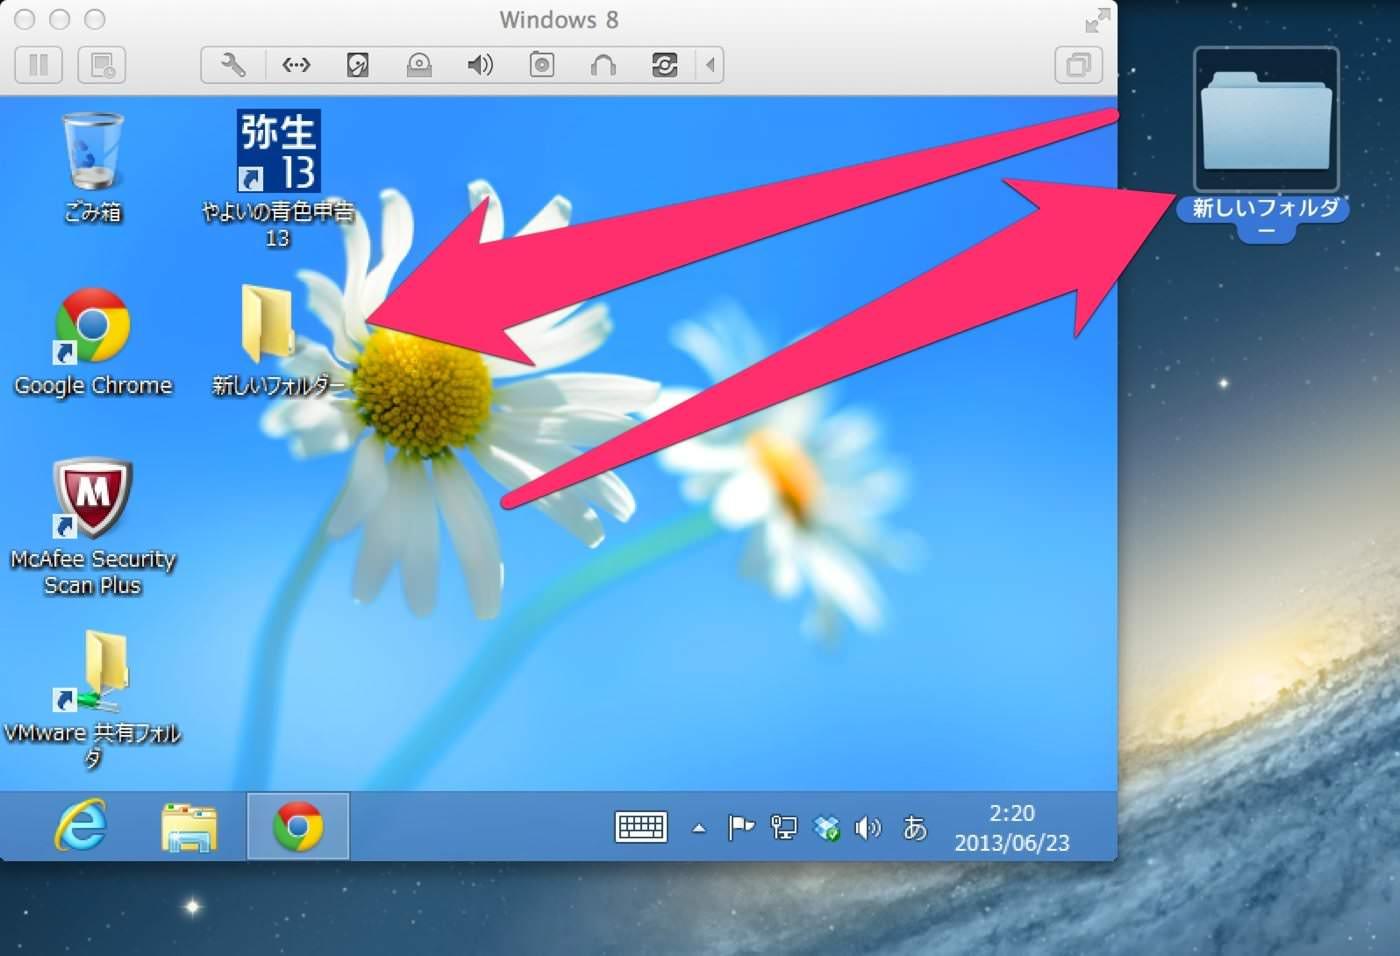 Vmware toolsでMac-Win間のファイルのコピペが可能に。